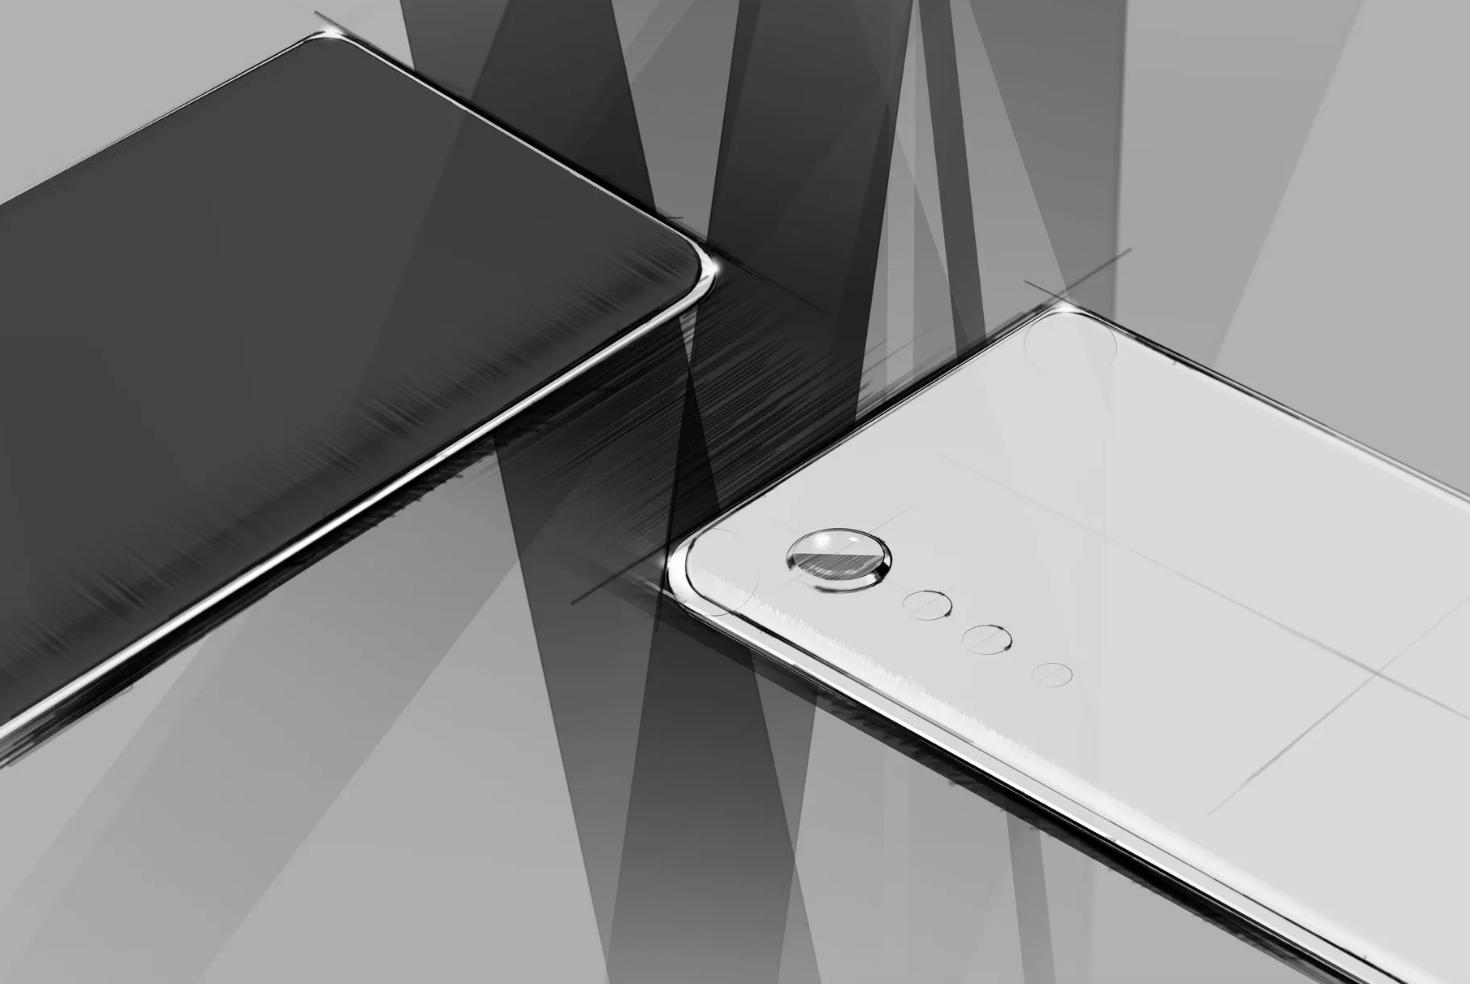 Cambio di stile per i nuovi smartphone LG? thumbnail